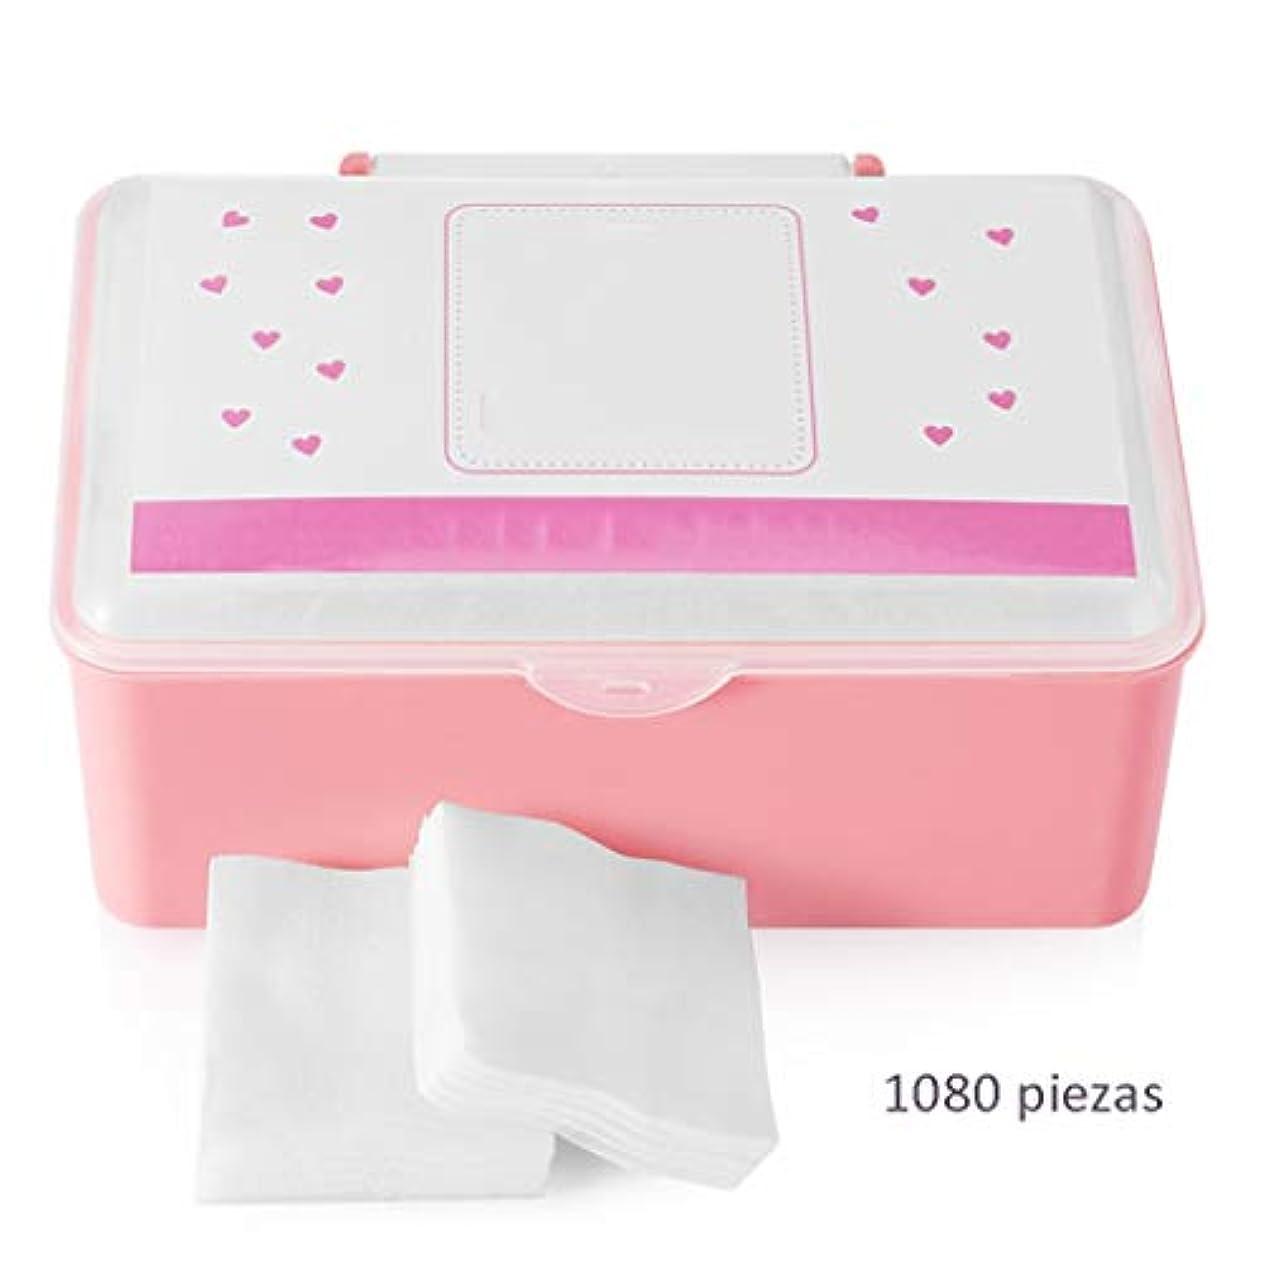 書き出すそれぞれクッションクレンジングシート コットンコットンクレンジングコットン女性の顔クリーンコットンパッドスクエアコットンパッド薄い水和ウェットドレスボックス(1080) (Color : White, サイズ : 5*6cm)